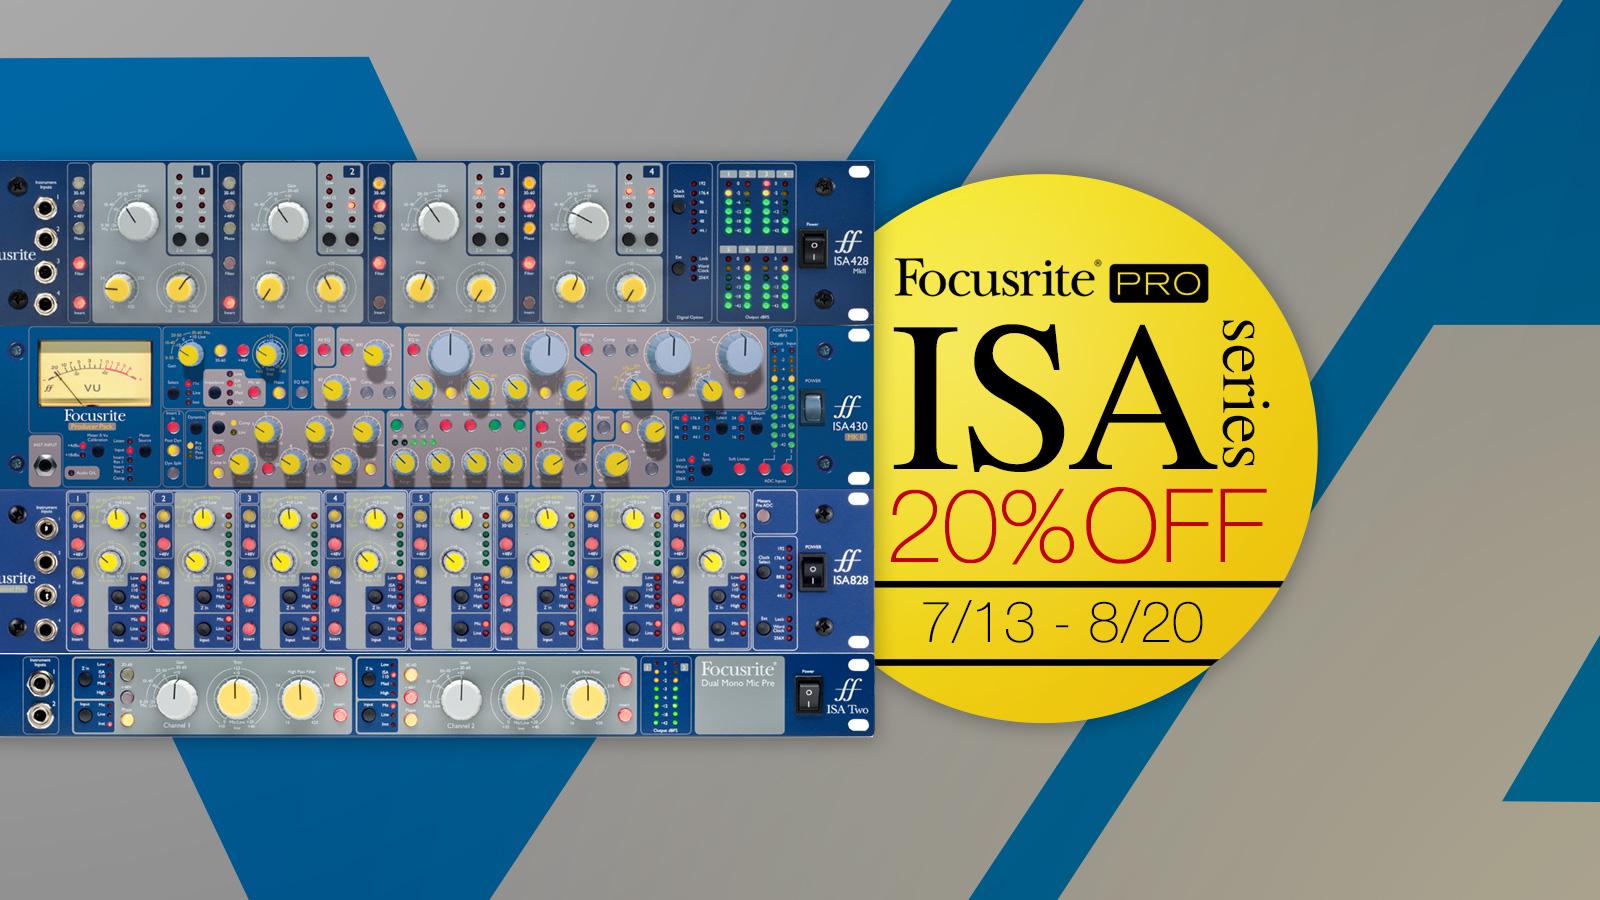 ISA 110の伝統とヒストリーを体感!ISAマイク・プリアンプ・シリーズ20%オフ・プロモーション